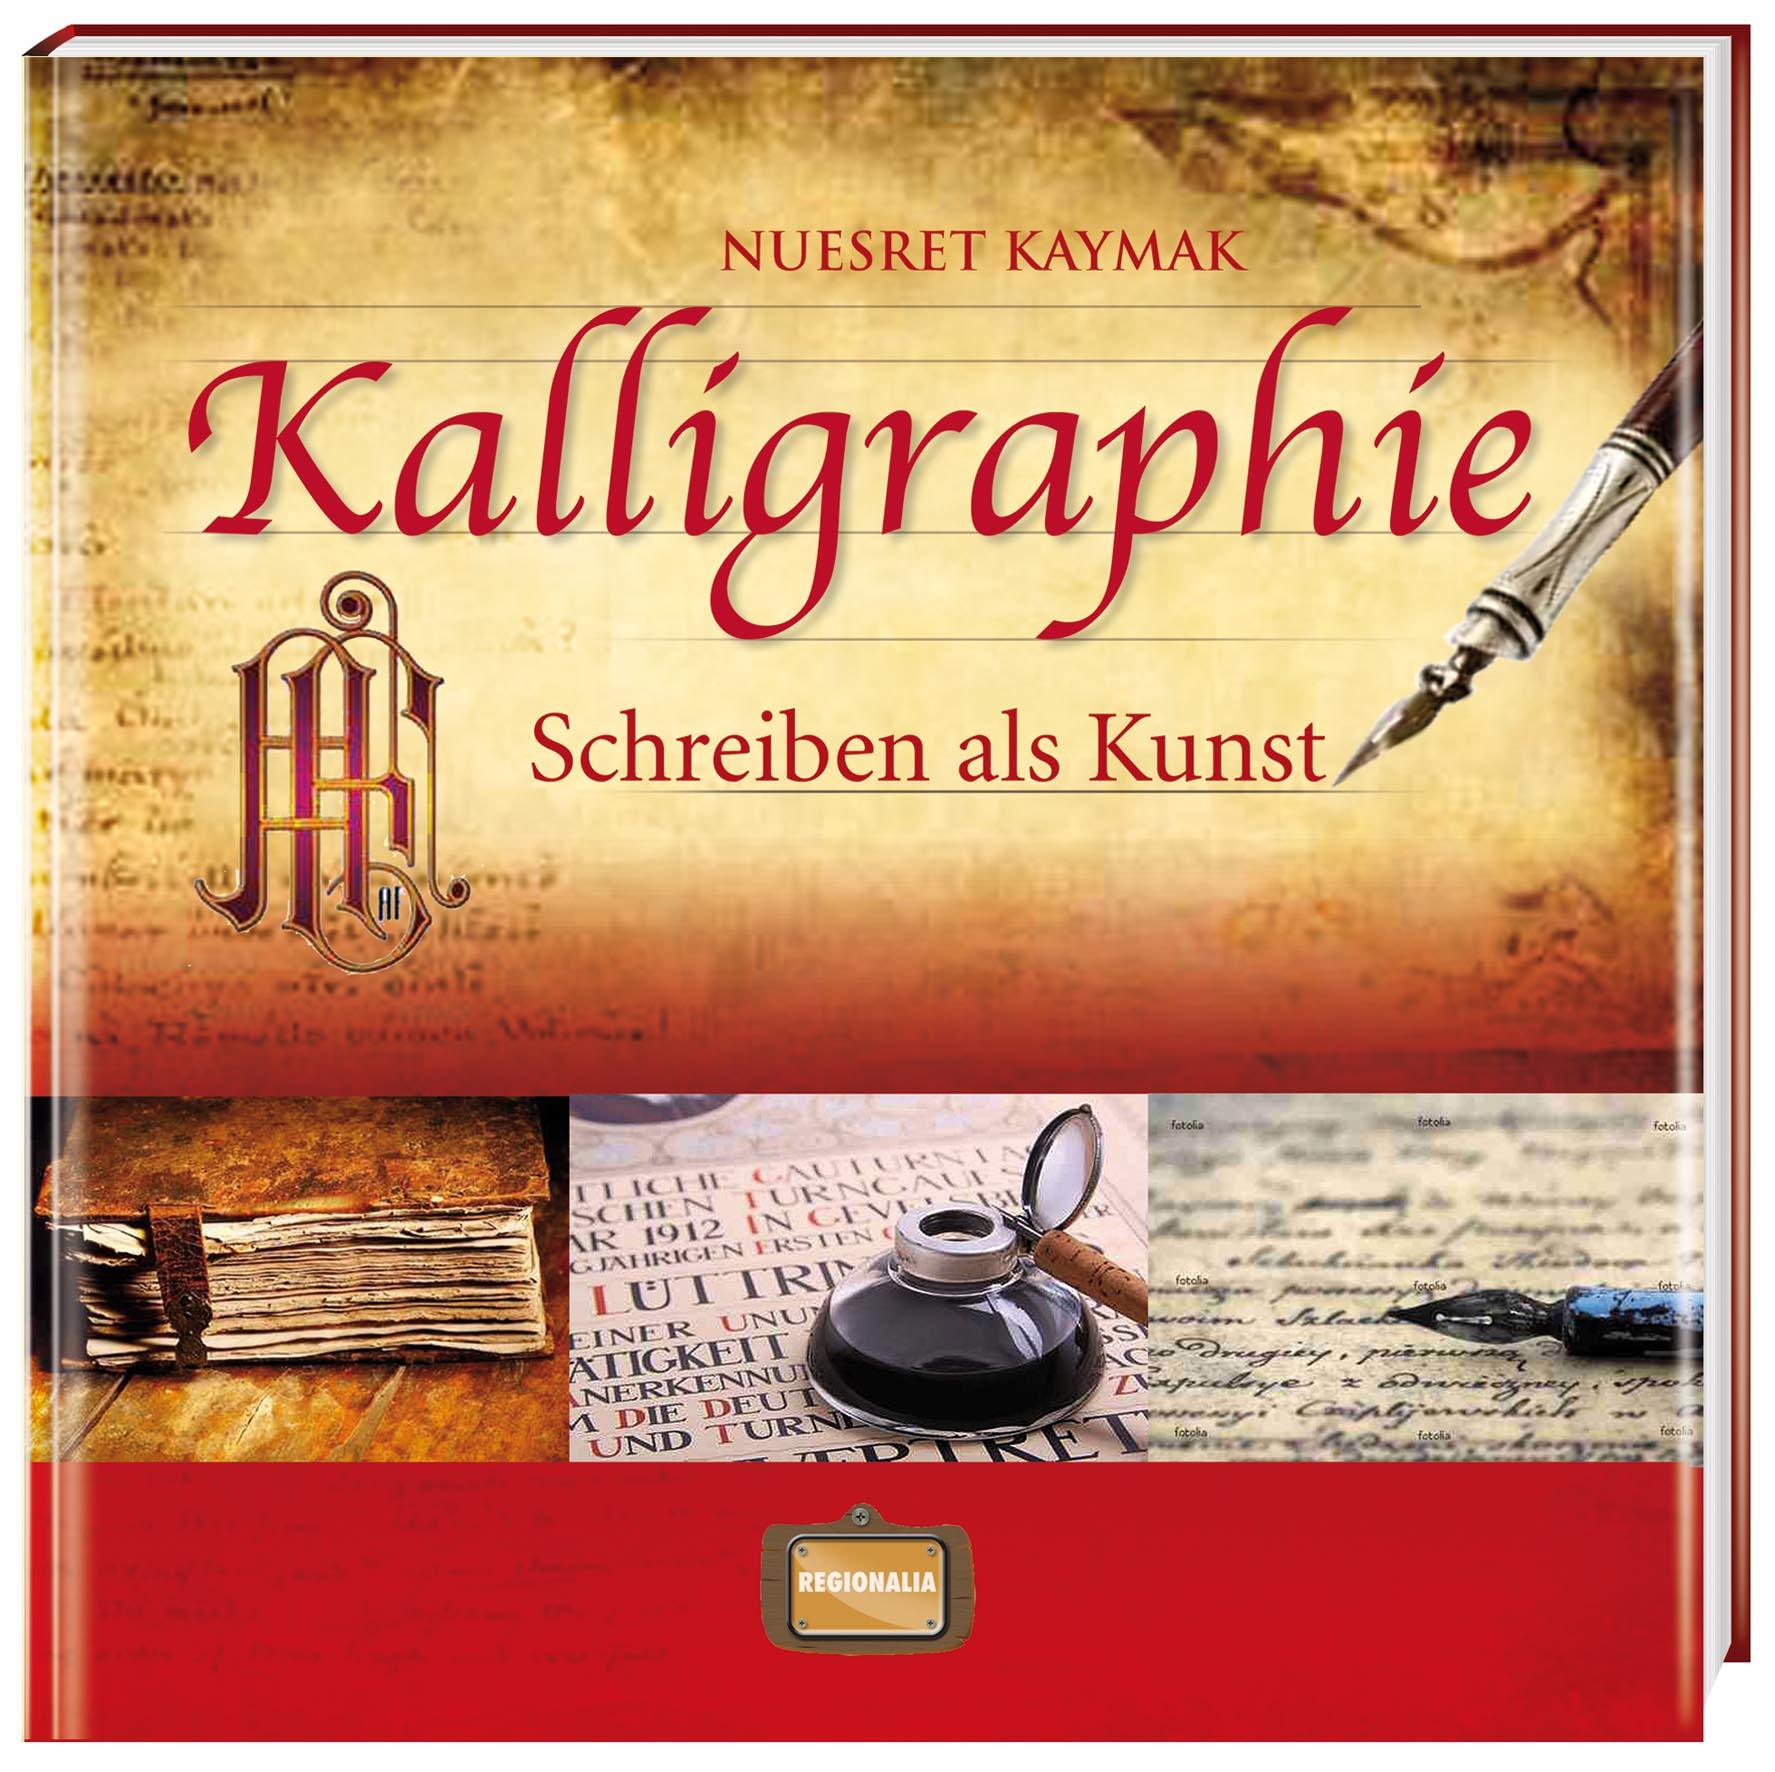 Kalligraphie: Schreiben als Kunst - Nuesret Kaymak